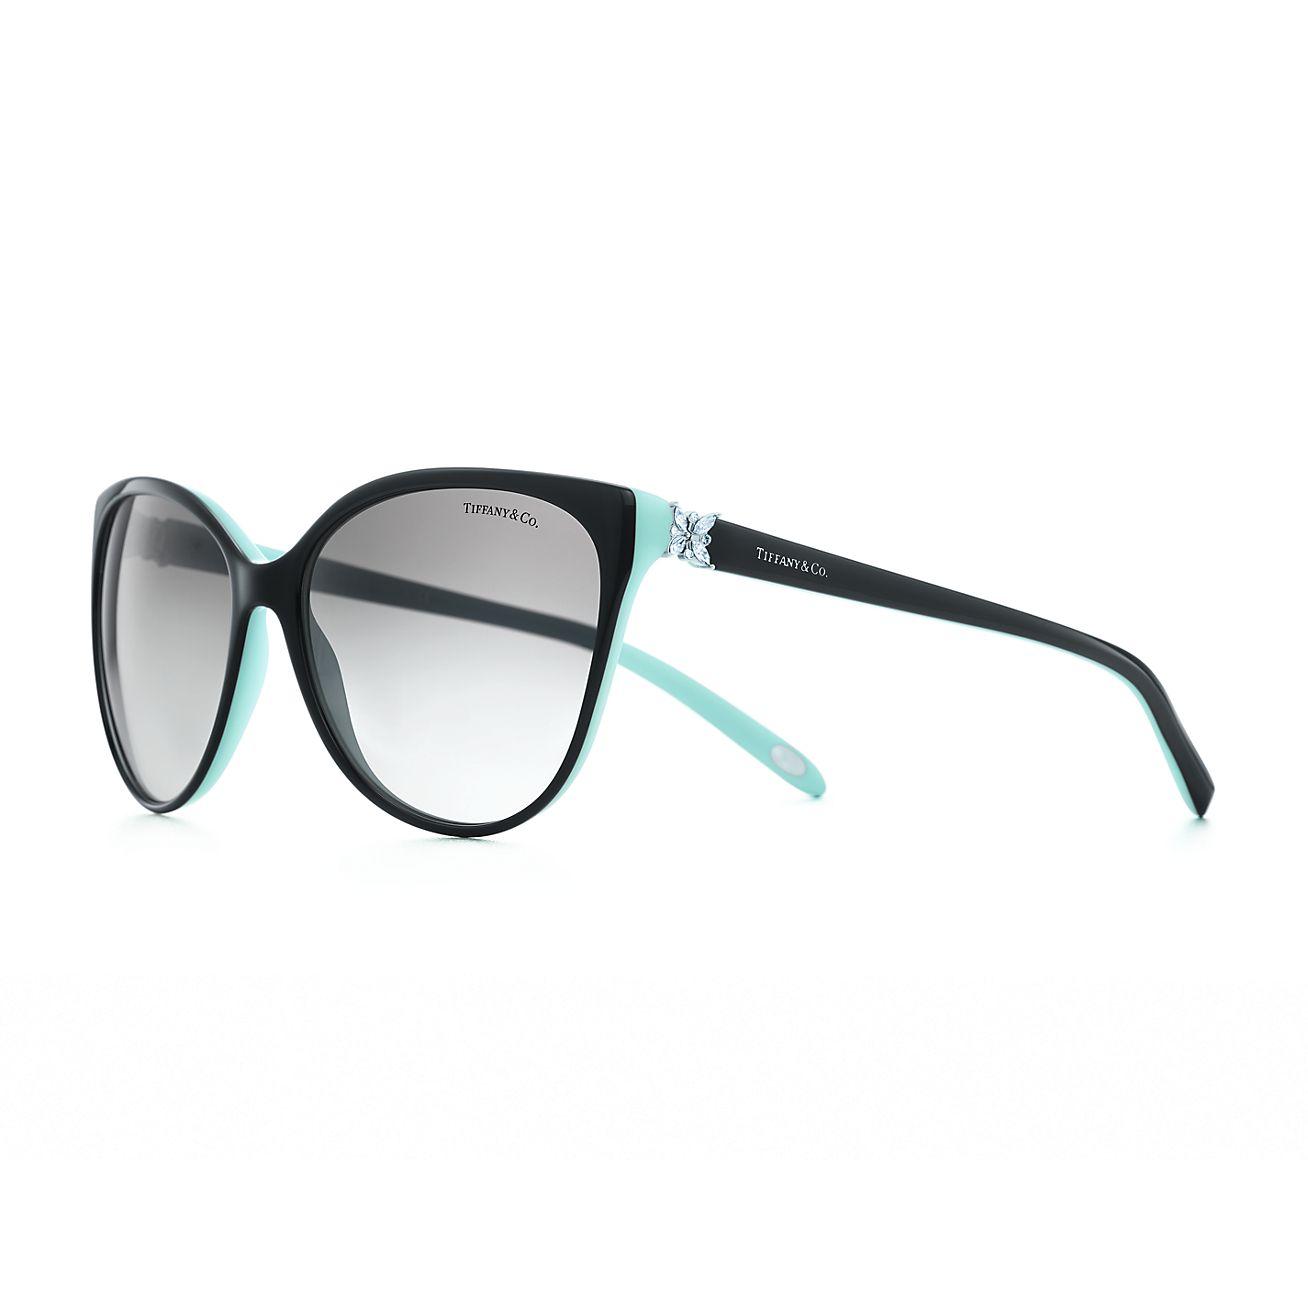 Ziemlich Tiffany Brillenrahmen Mit Kristallen Galerie - Rahmen Ideen ...